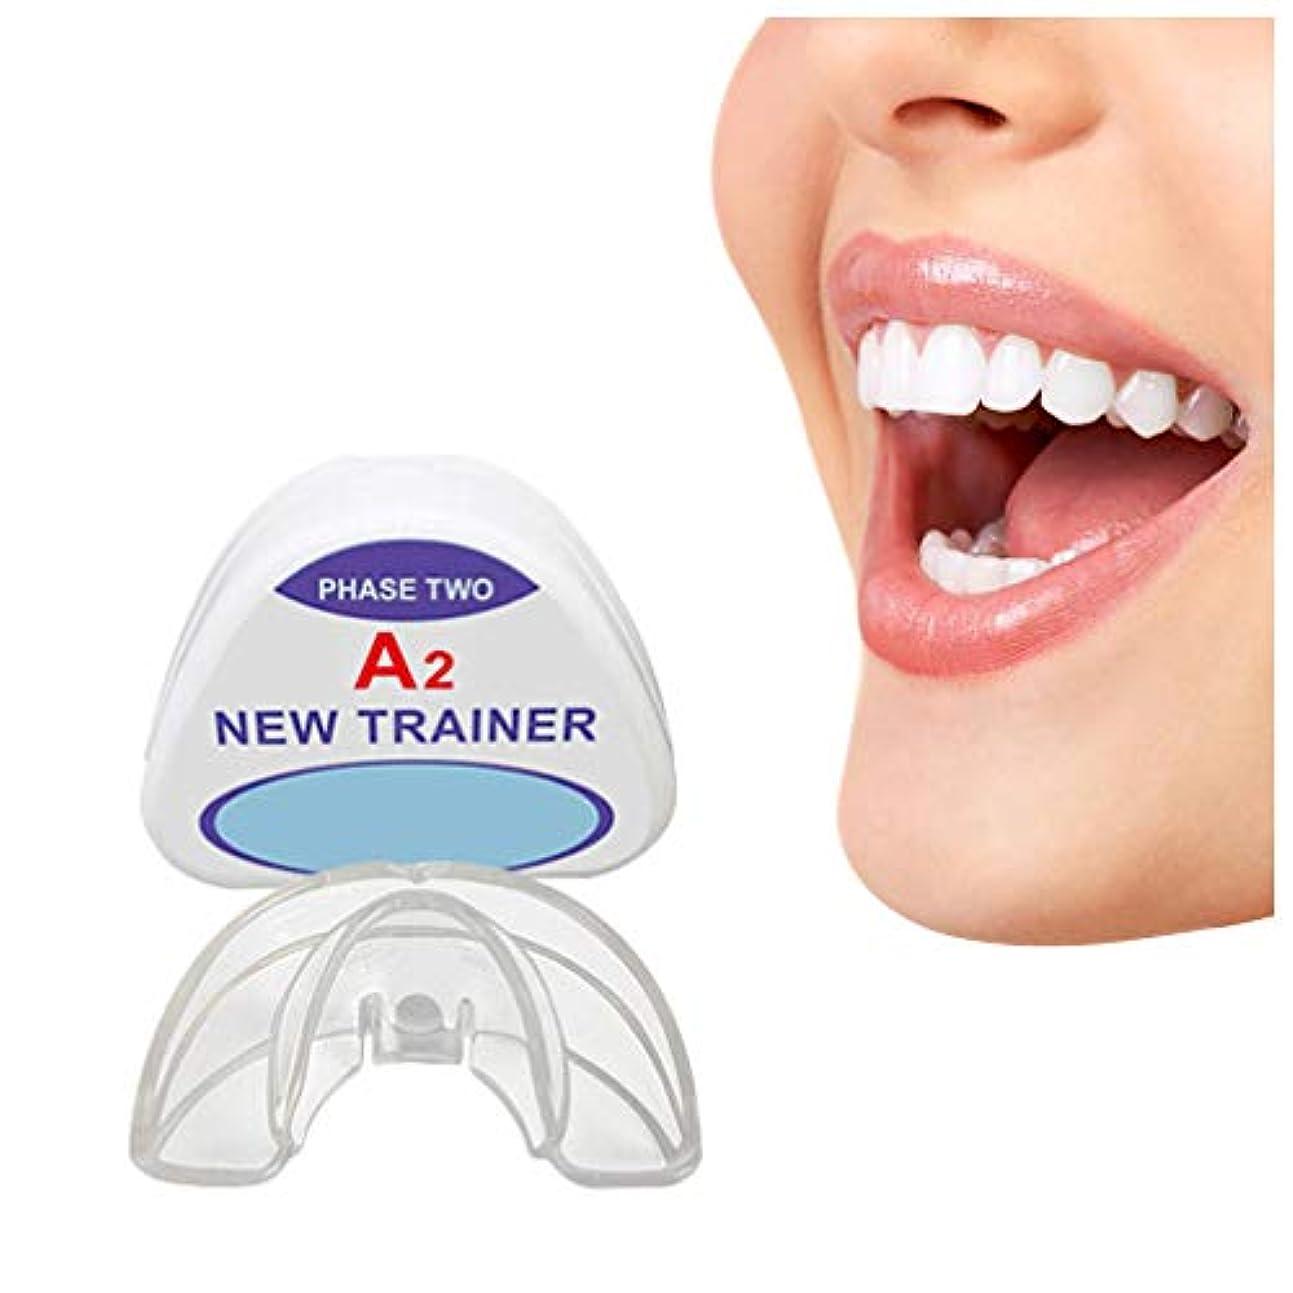 ビタミンポゴスティックジャンプ初期の歯アライメントトレーナーリテーナー、歯科矯正トレーナー、ナイトマウスガードスリムグラインドプロテクター、大人のためのトレーナー歯アライメントブレース,A2